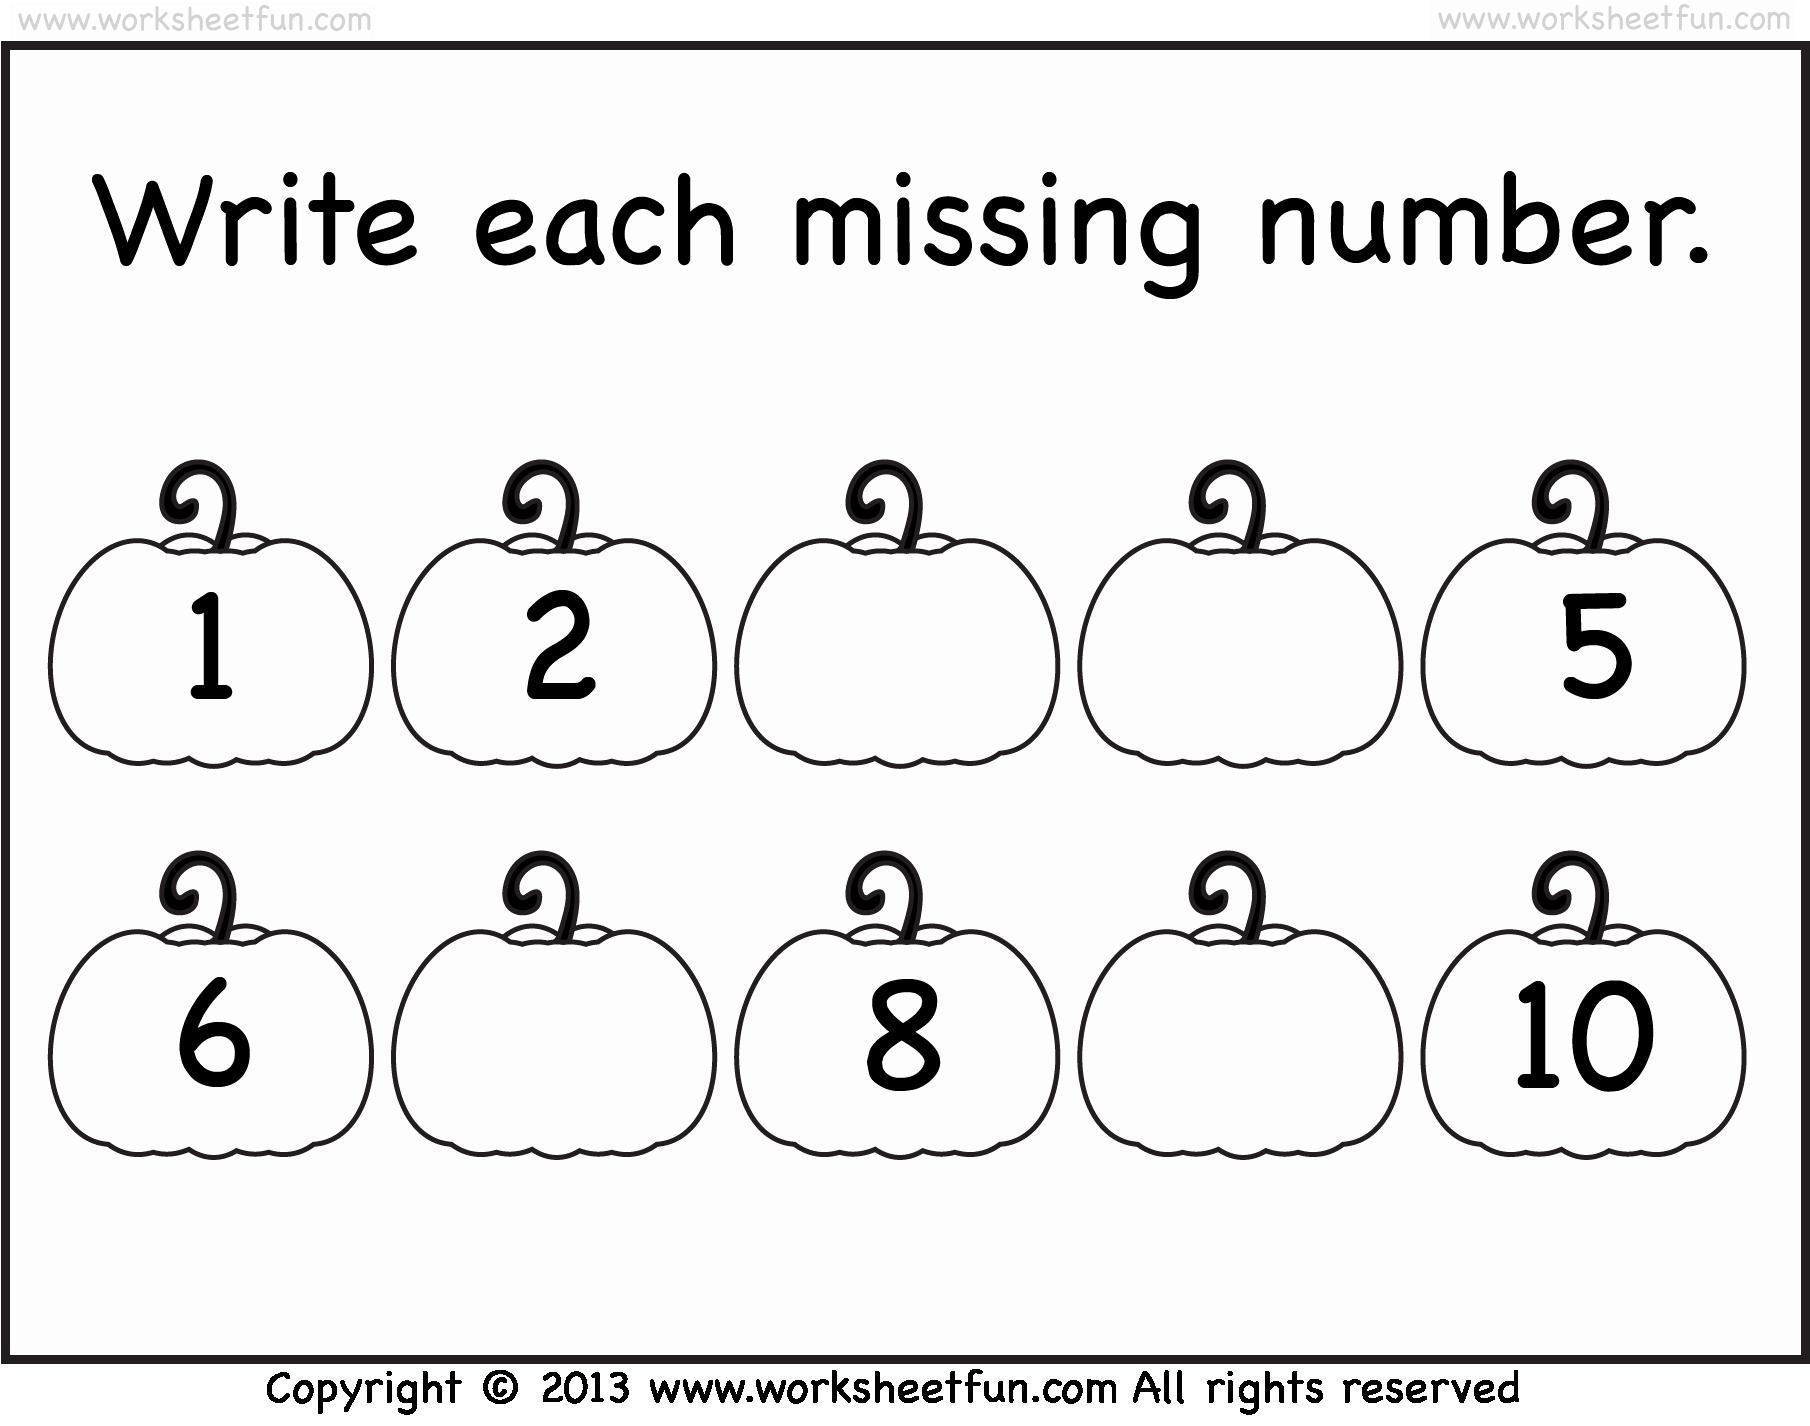 Missing Number Worksheets 1 10 Best Of Missing Number Worksheet New 273 Write the Missing Number